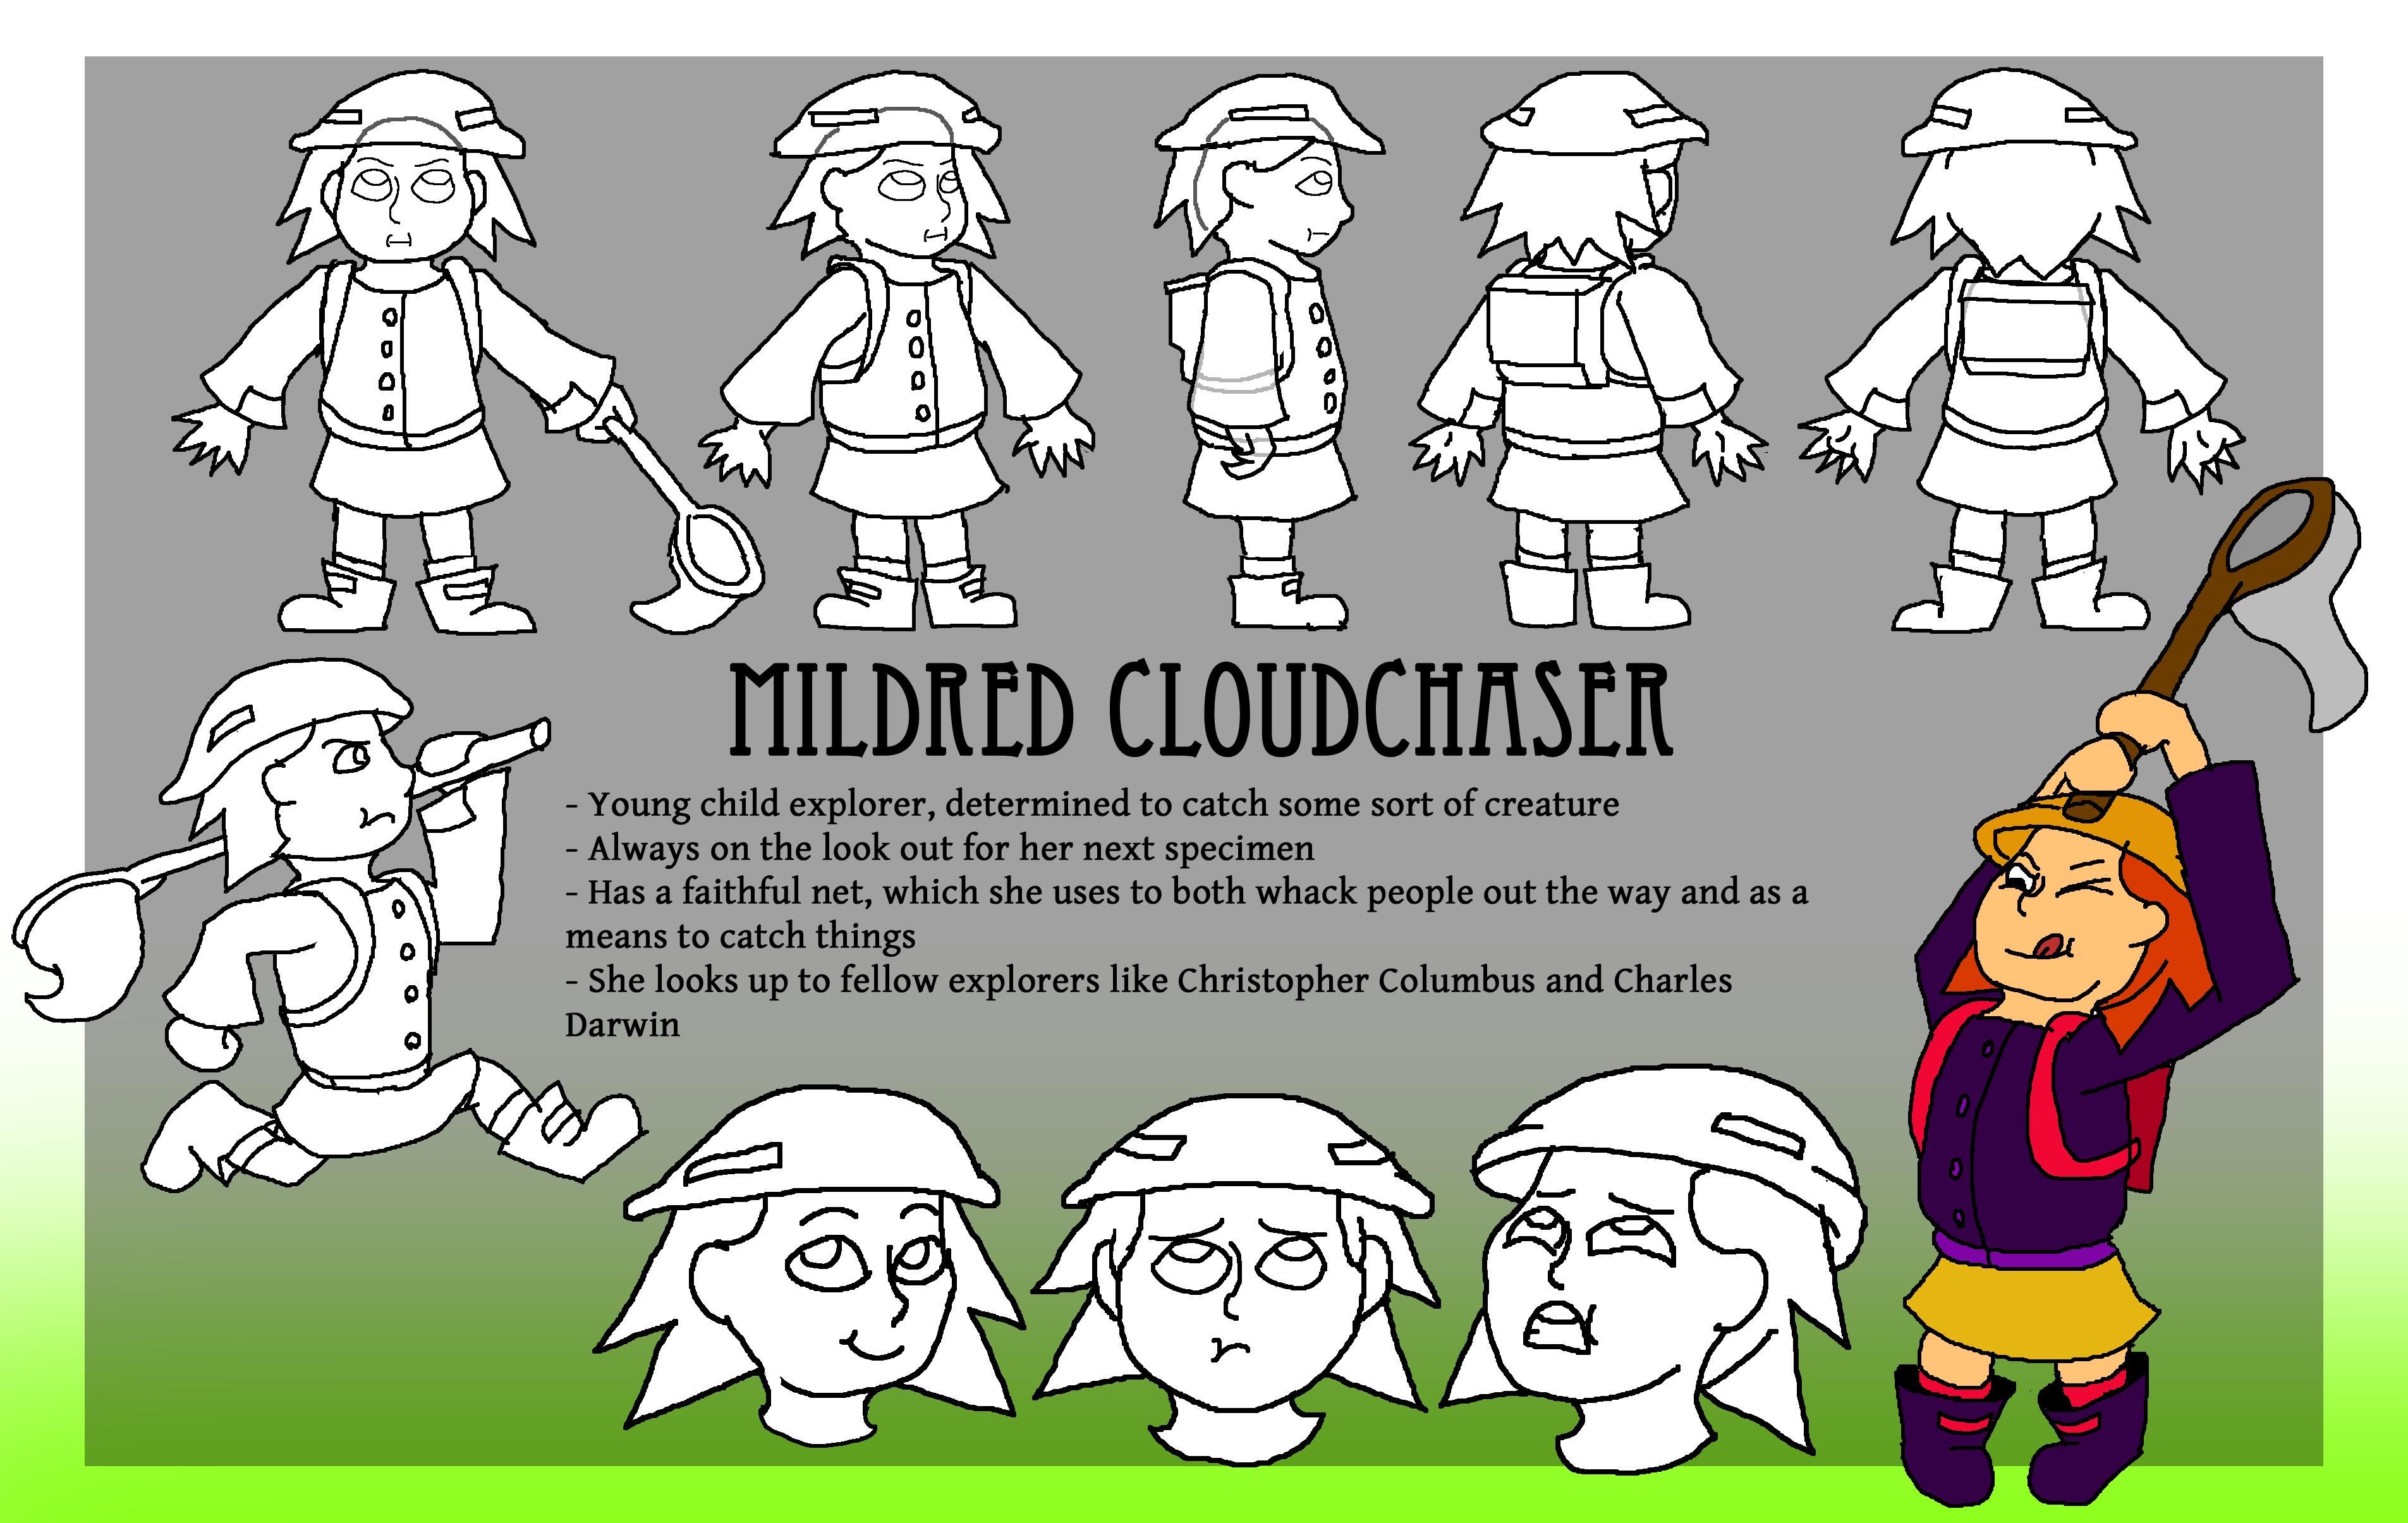 Mildred Cloudchaser